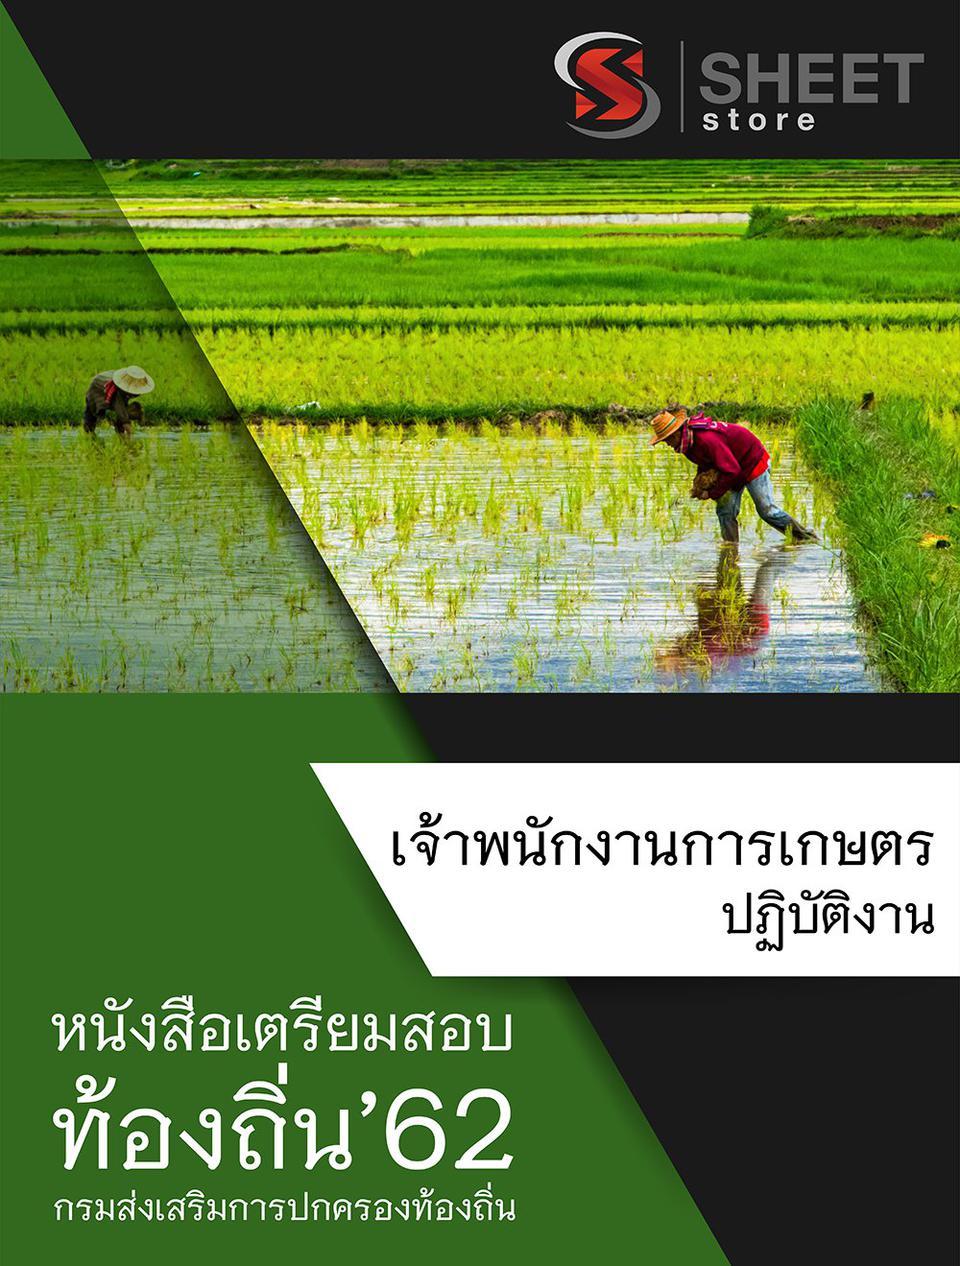 {อปท 2562}แนวข้อสอบ เจ้าพนักงานการเกษตรปฏิบัติงาน กรมส่งเสริ รูปที่ 6